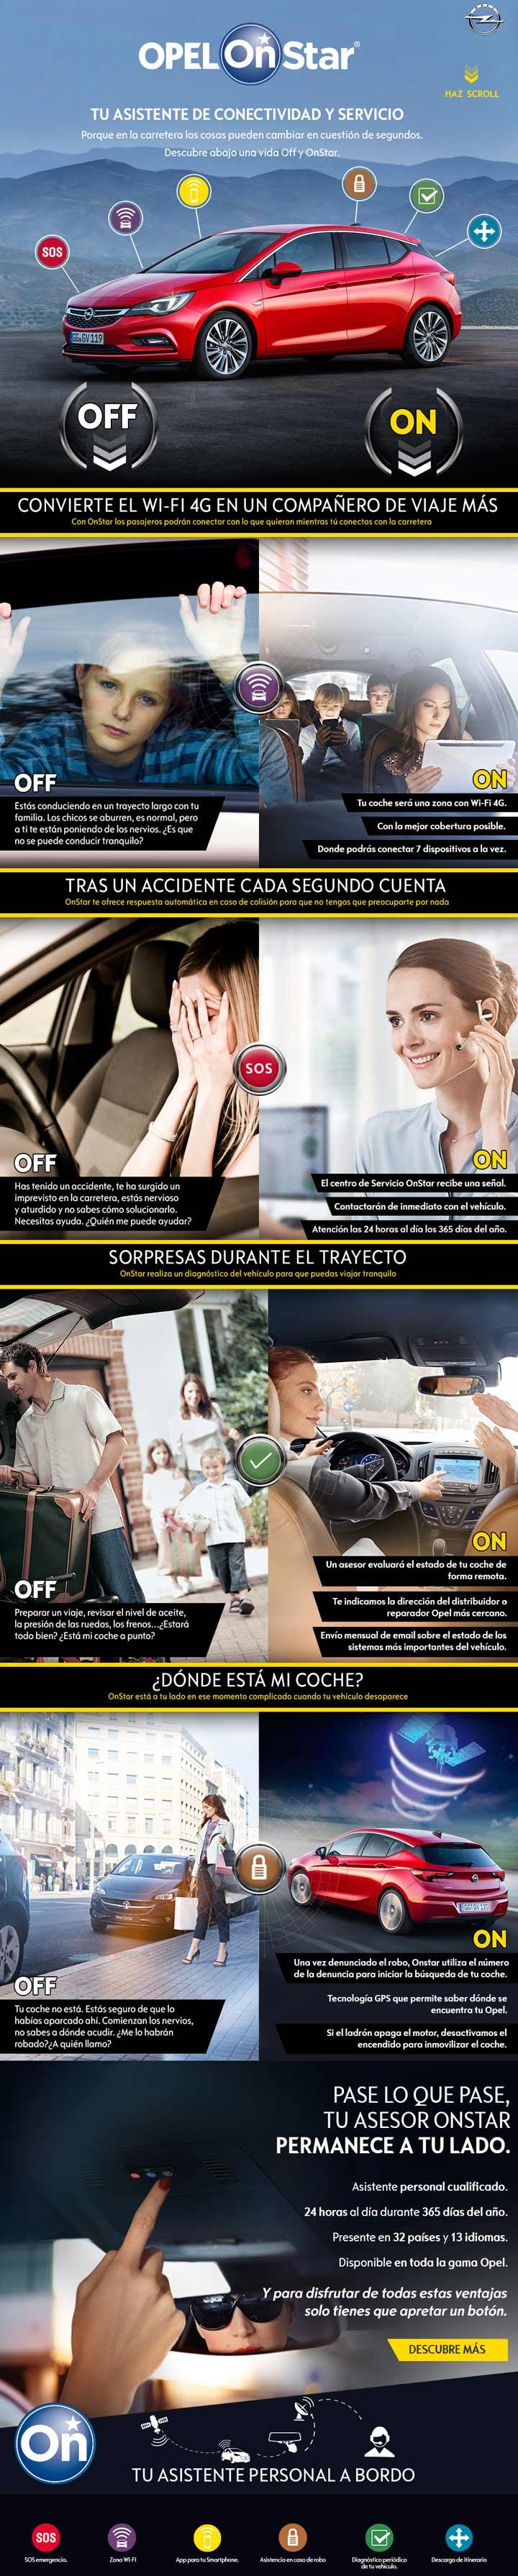 Qué es Opel OnStar y cómo sacar provecho de un coche conectado a Internet.